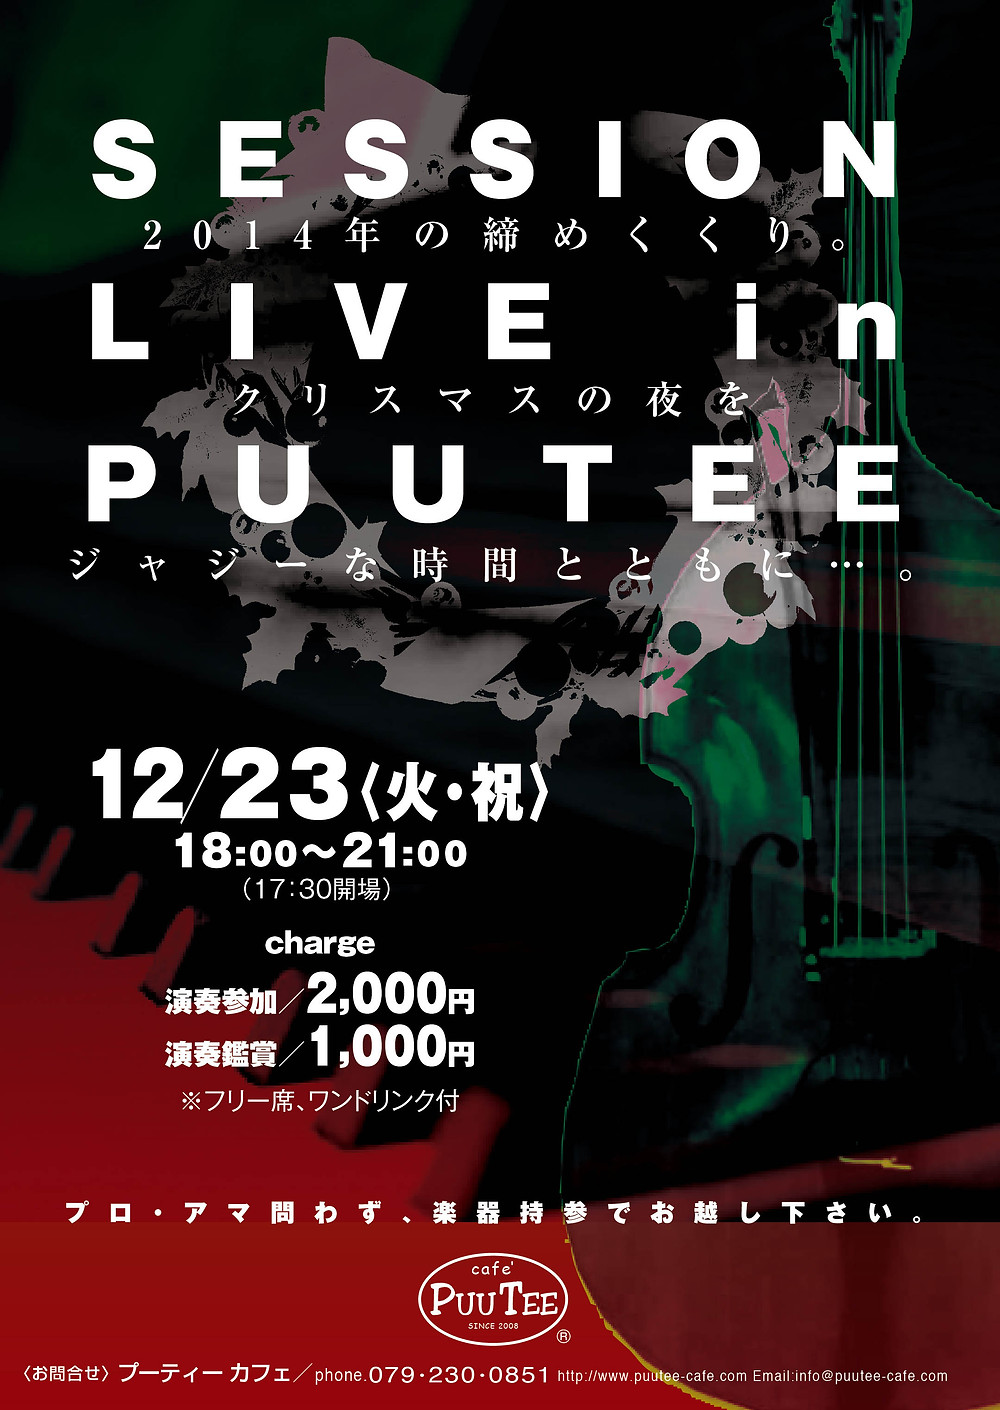 14-12-23セッションライブちらし-1.jpg